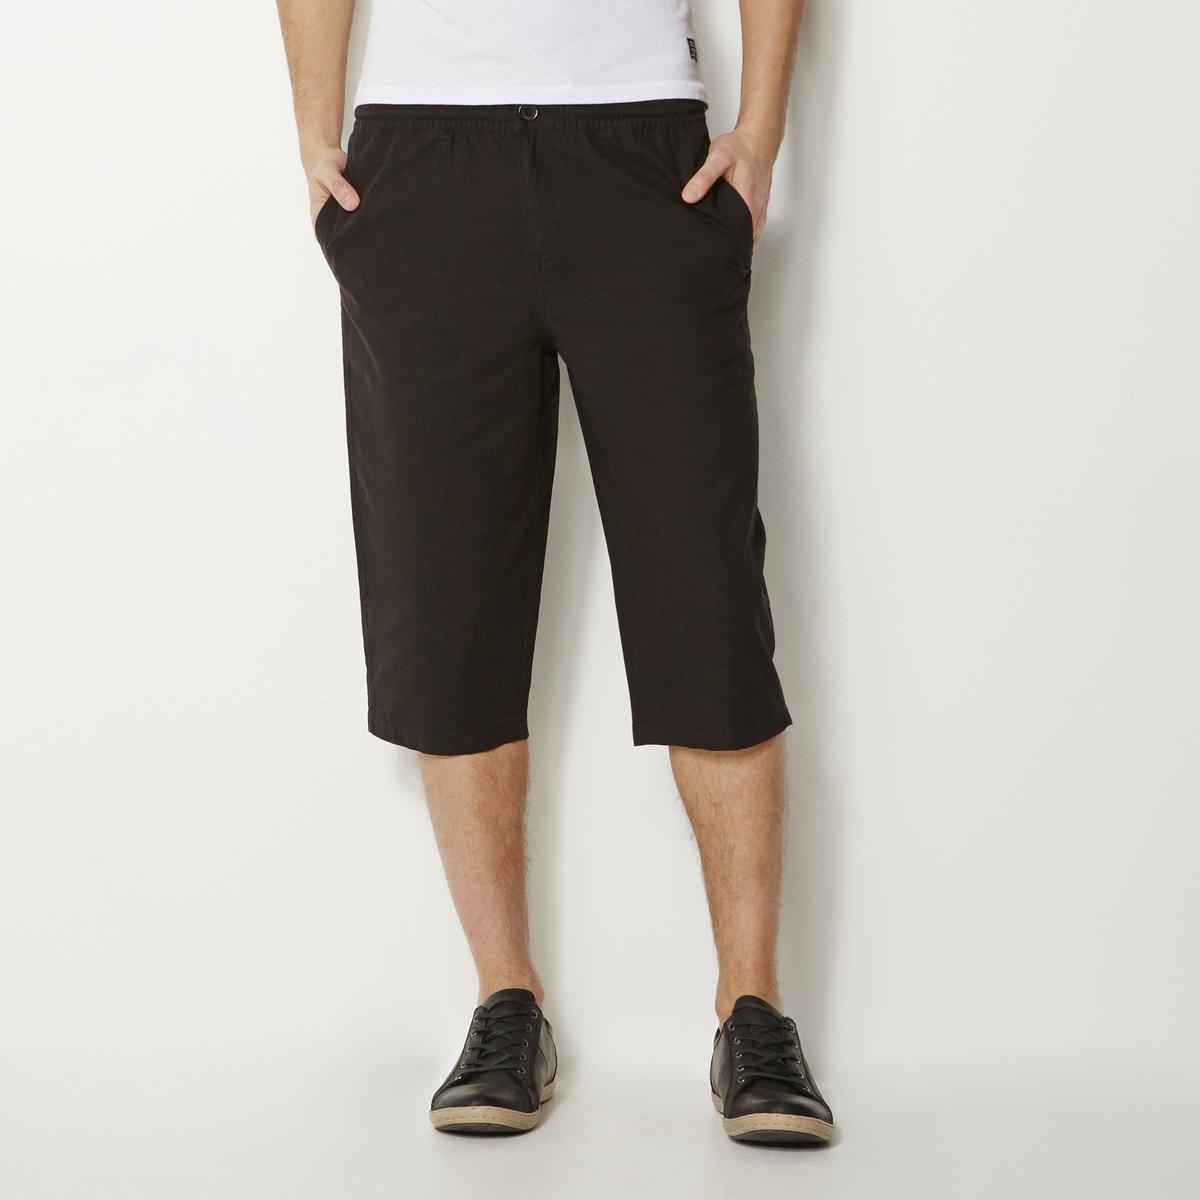 Брюкие укороченные хлопковыеДетали •  Укороченные брюки •  Высота пояса стандартная •  Эластичный поясСостав и уход •  100% хлопок •  Машинная стирка при 40° •  Сухая чистка и отбеливание запрещены •  Барабанная сушка при умеренном режиме •  Гладить при средней температуре<br><br>Цвет: бежевый,белый,черный<br>Размер: 34/36.34/36.38/40.42/44.46/48.34/36.38/40